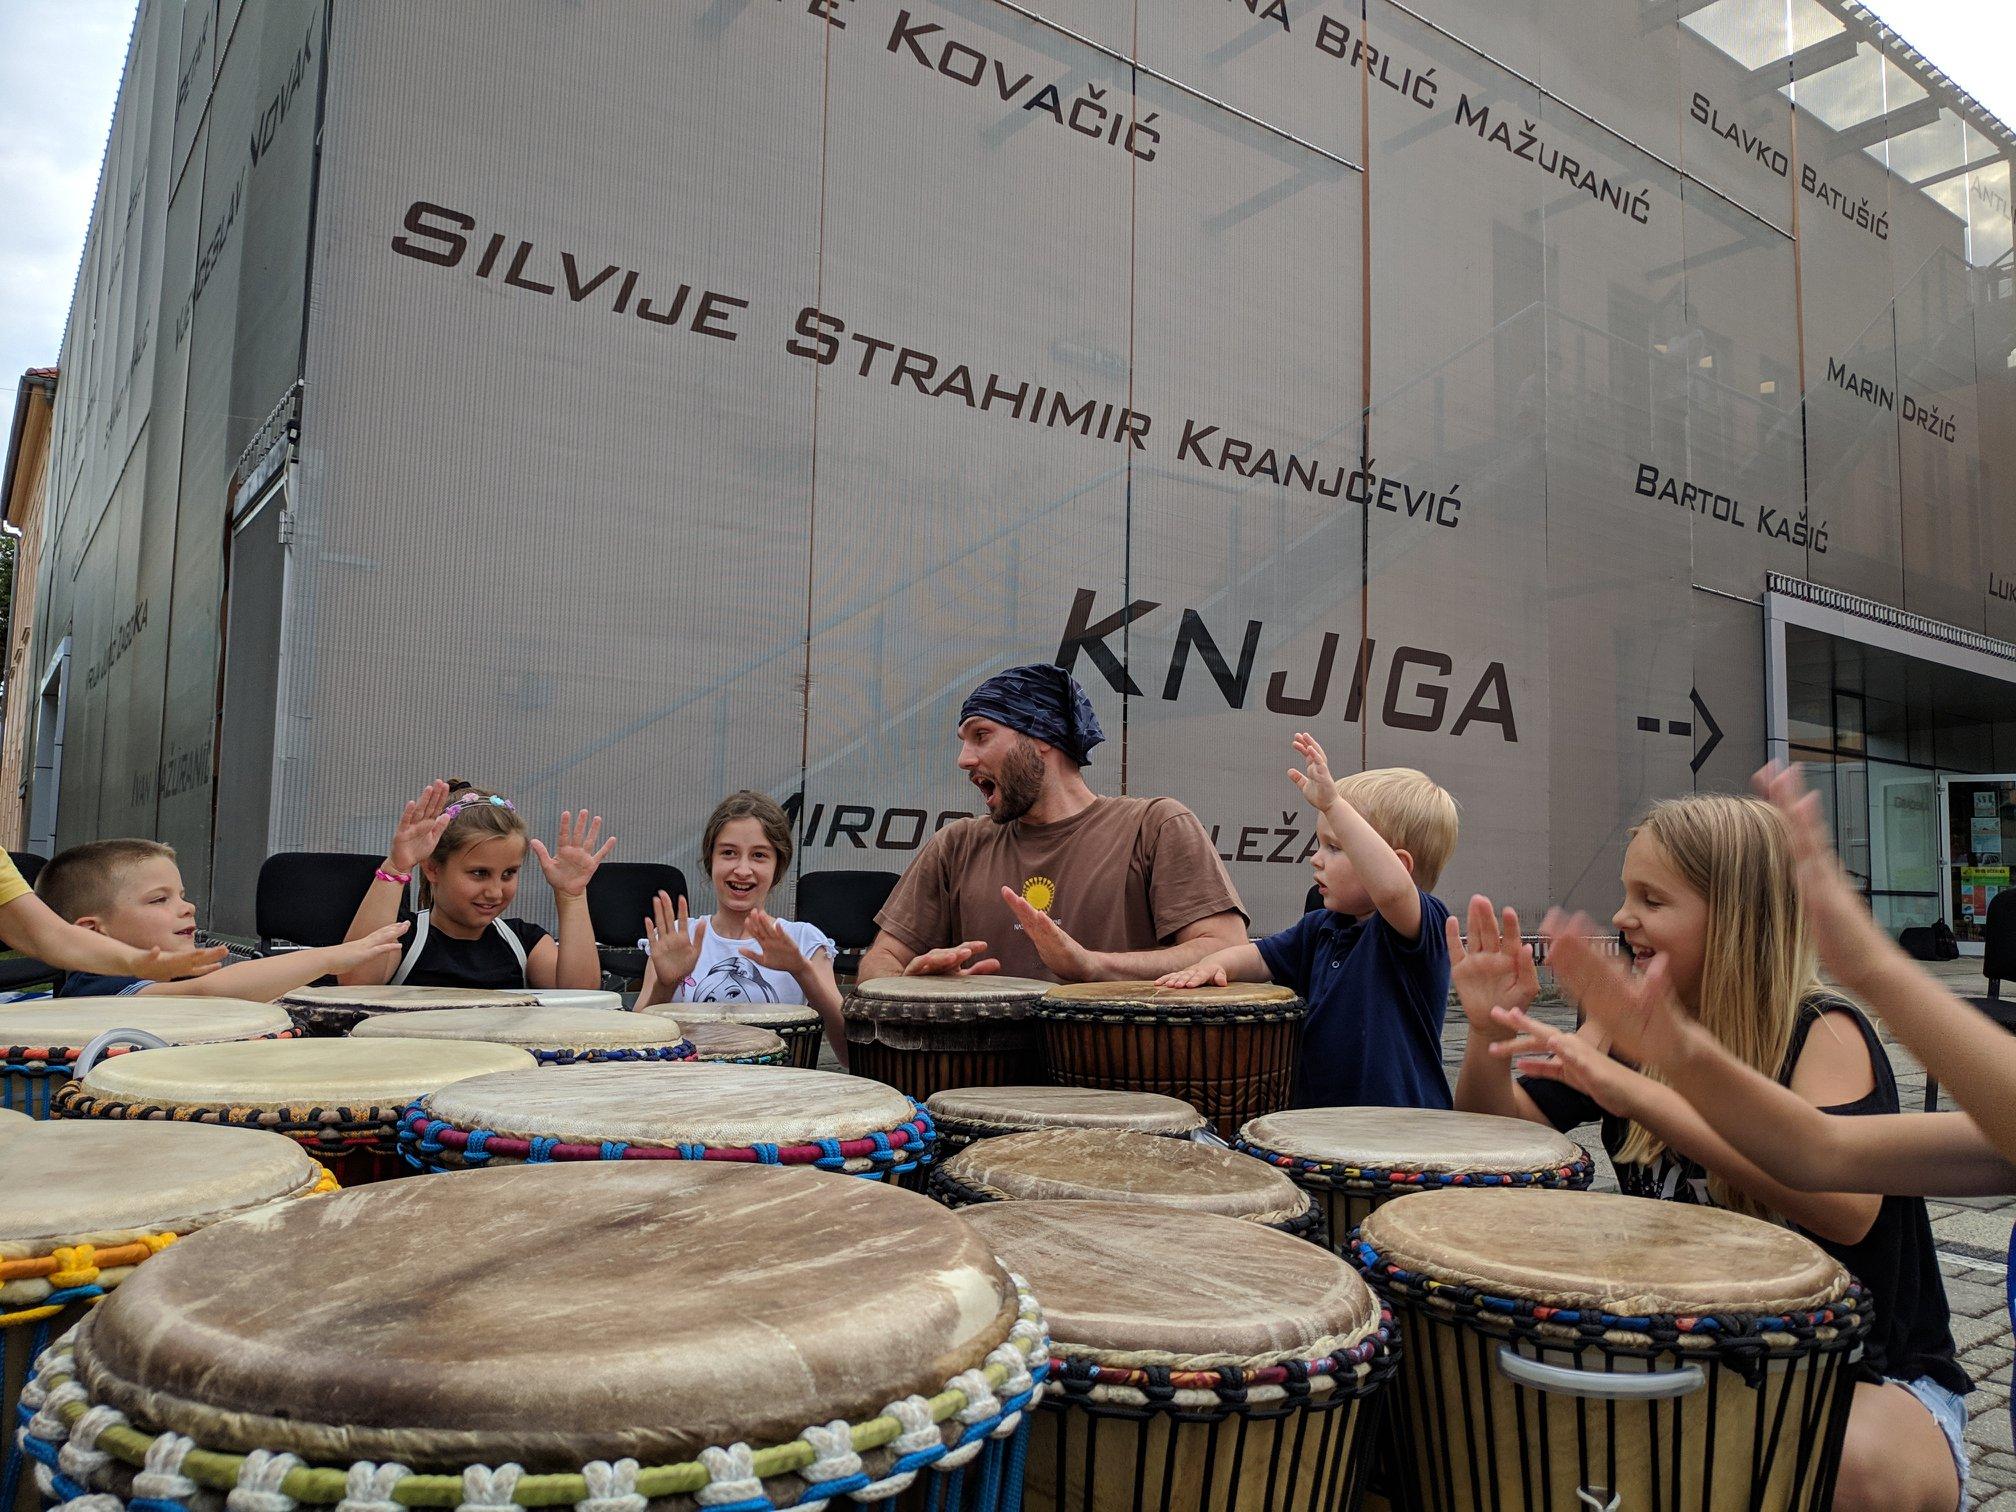 radionica bubnjanja